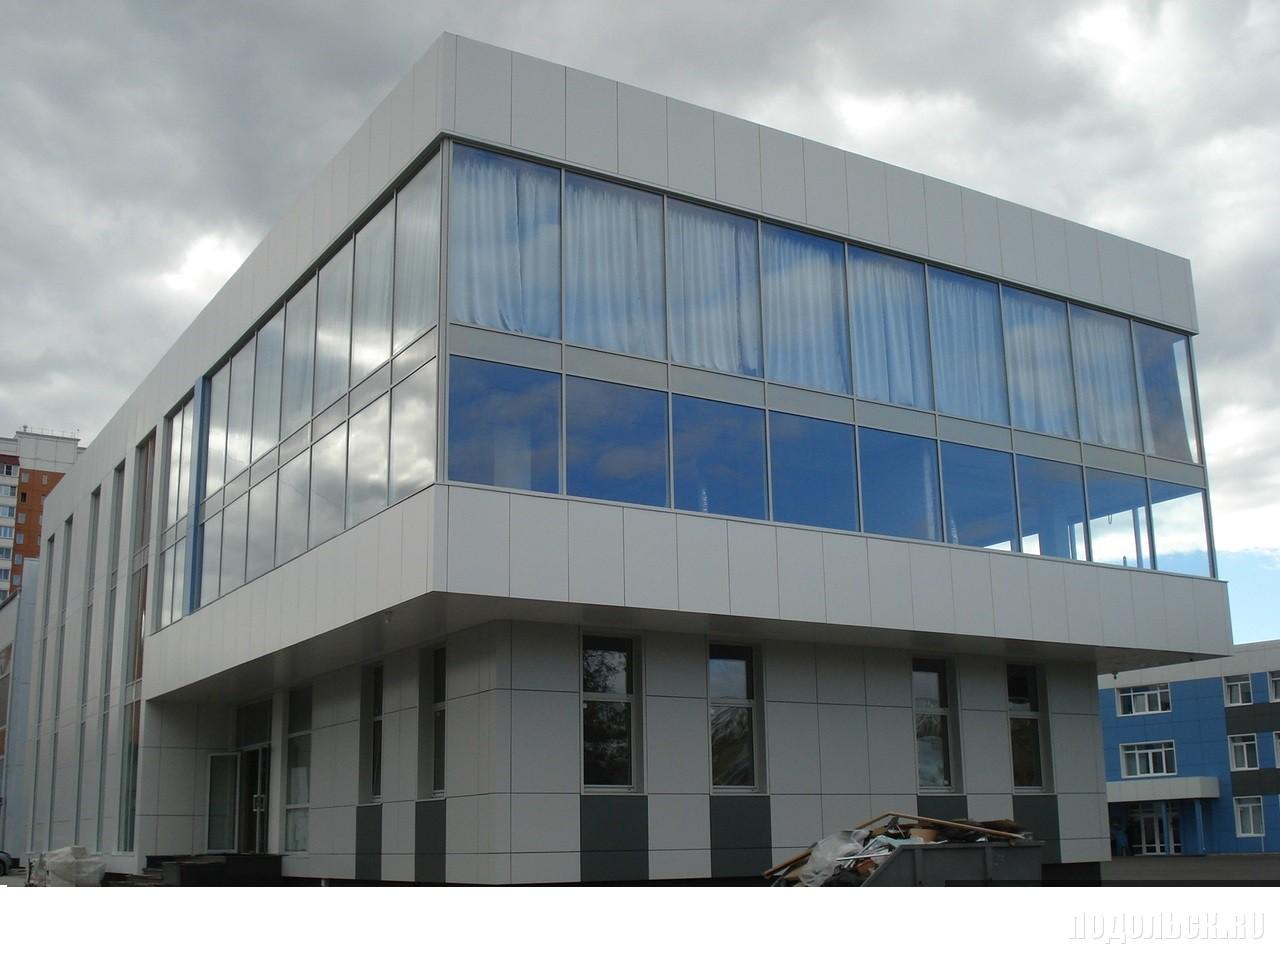 Офисное здание. Подольск, Северная улица, 13. 2017 г.